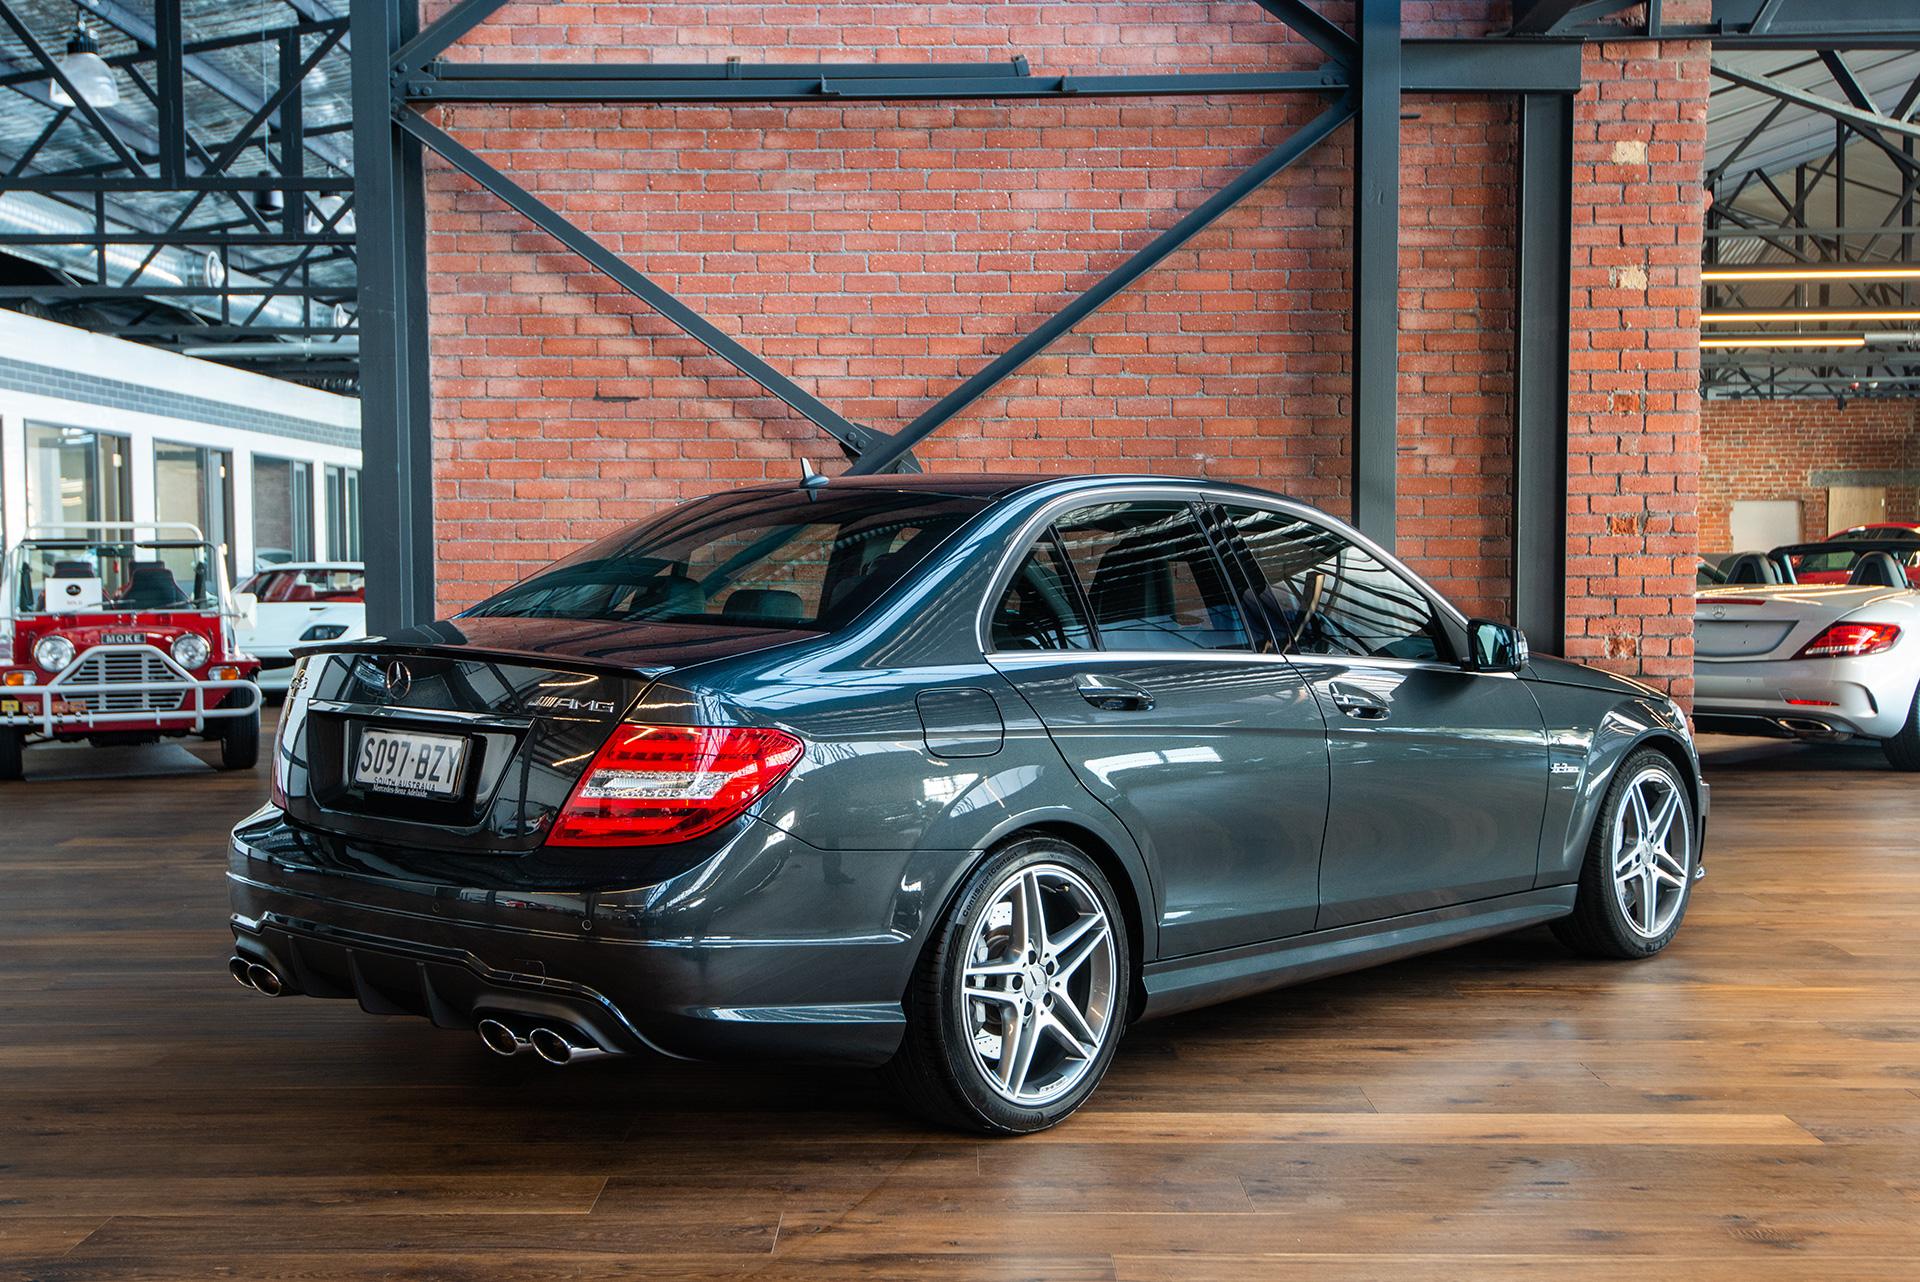 Mercedes c63 amg ipe exhaust